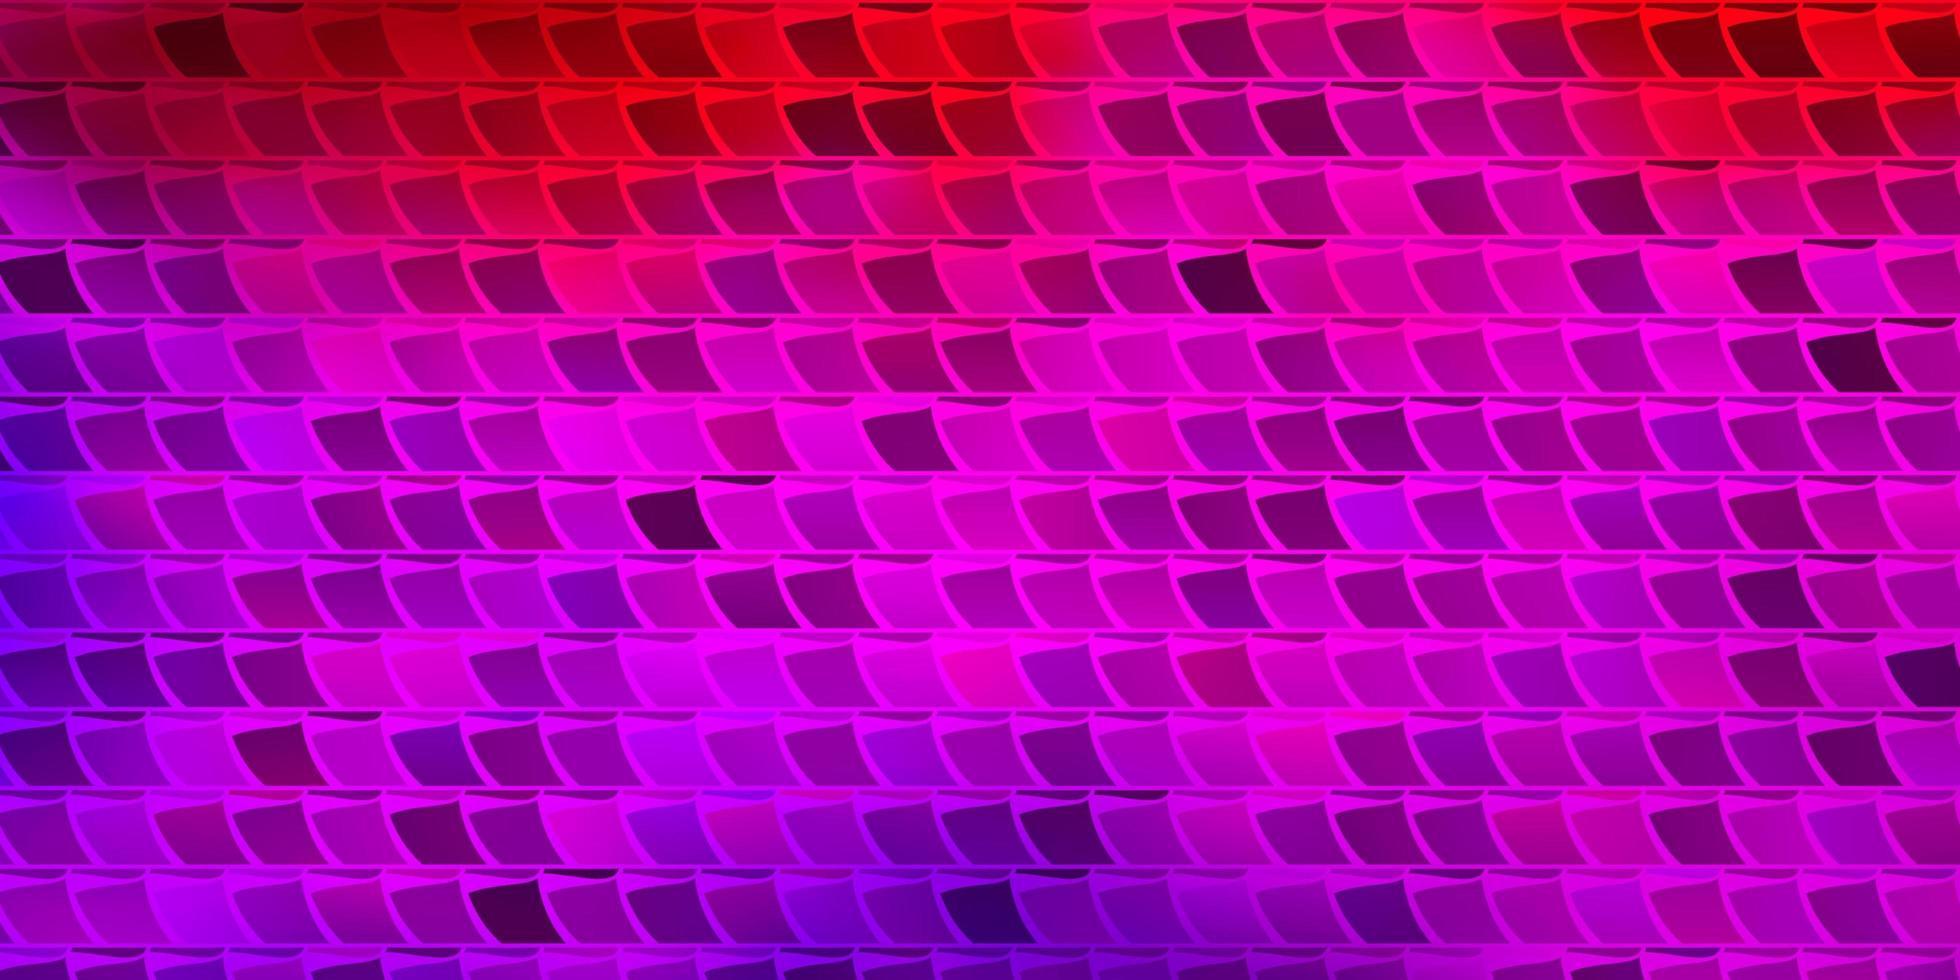 ljusrosa, röd vektorbakgrund med rektanglar. vektor